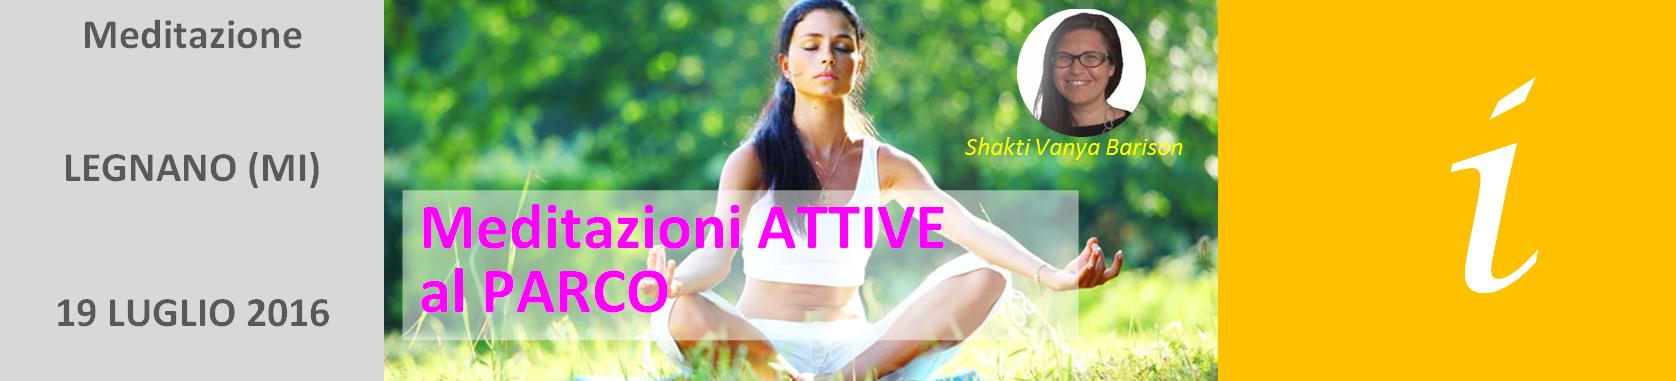 banner-meditazioni-attive-al-parco-legnano-19